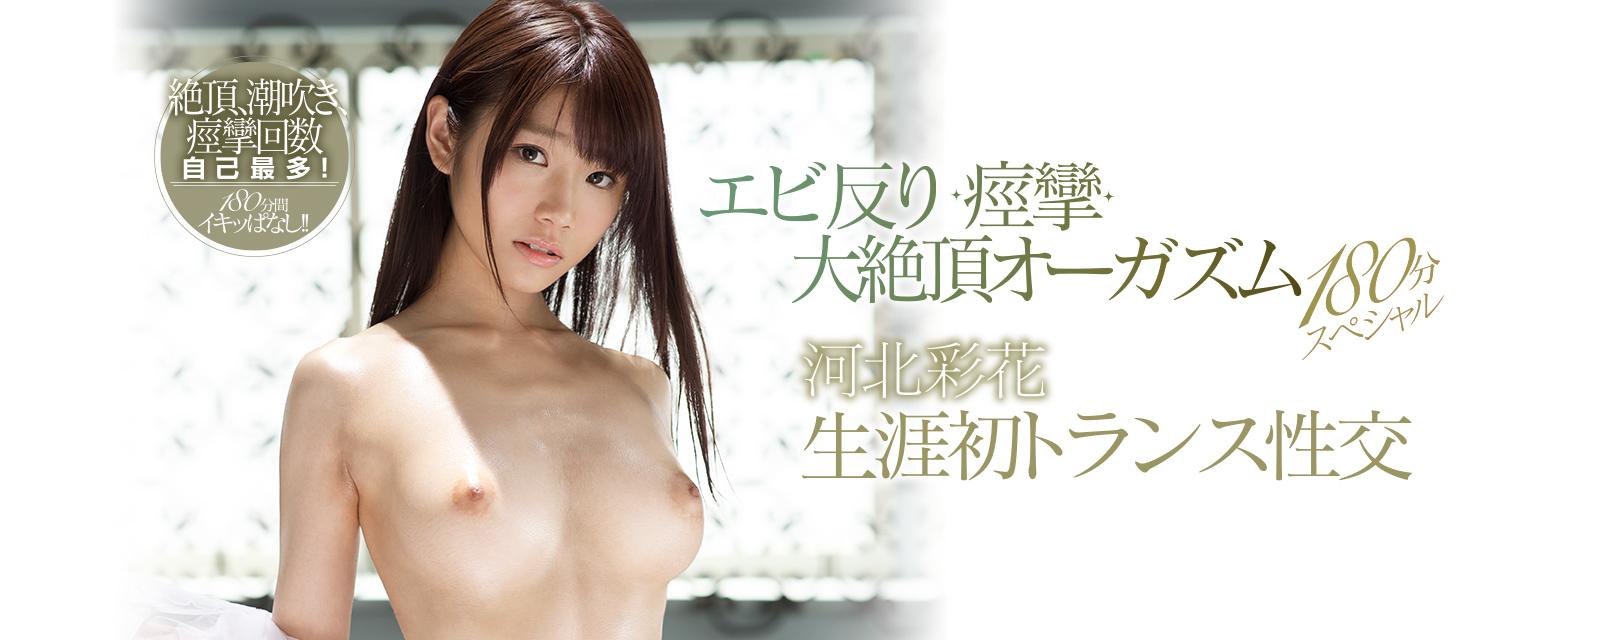 河北彩花 生涯初トランス性交 エビ反り・痙攣・大絶頂オーガズム180分スペシャル